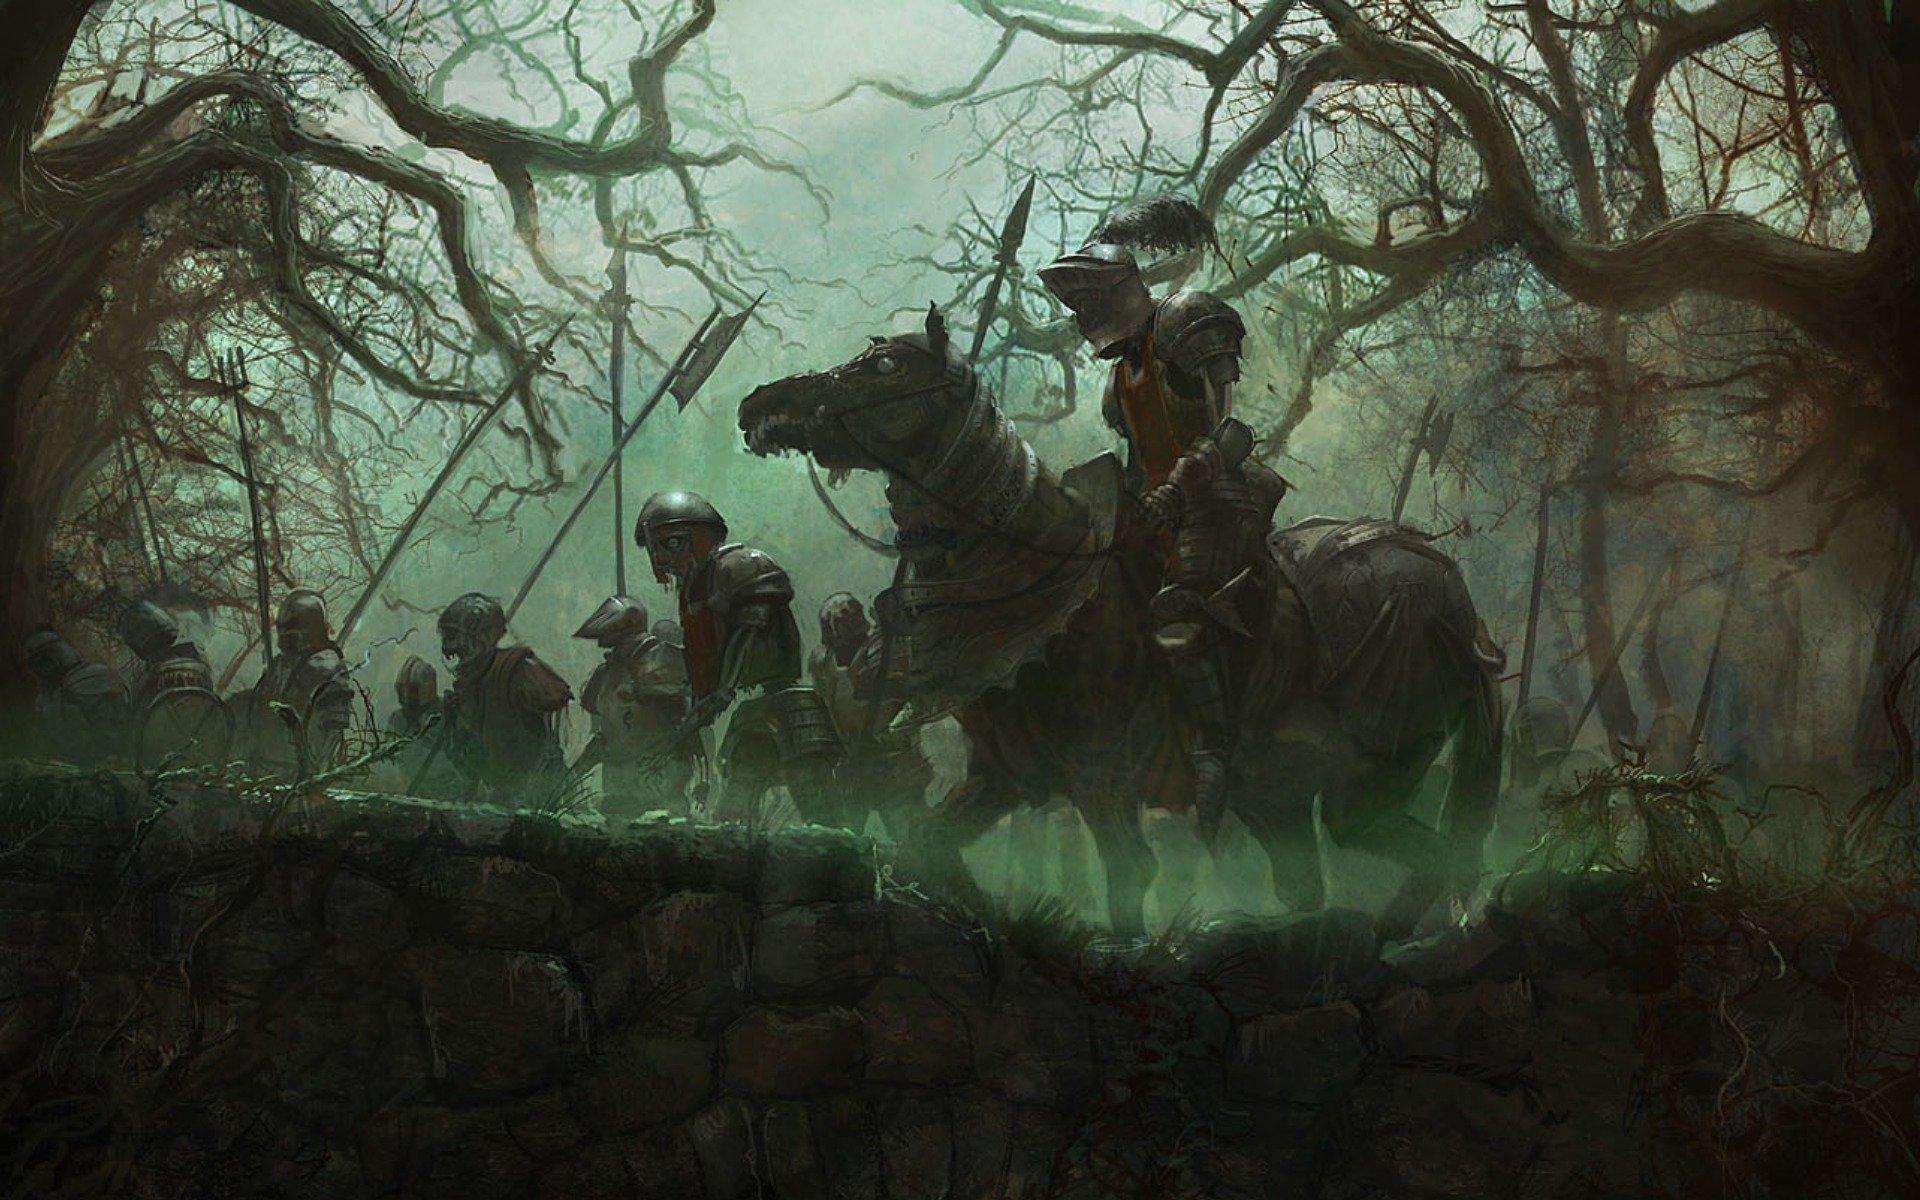 Horror undead fantasy warrior wallpaper  1920x1200